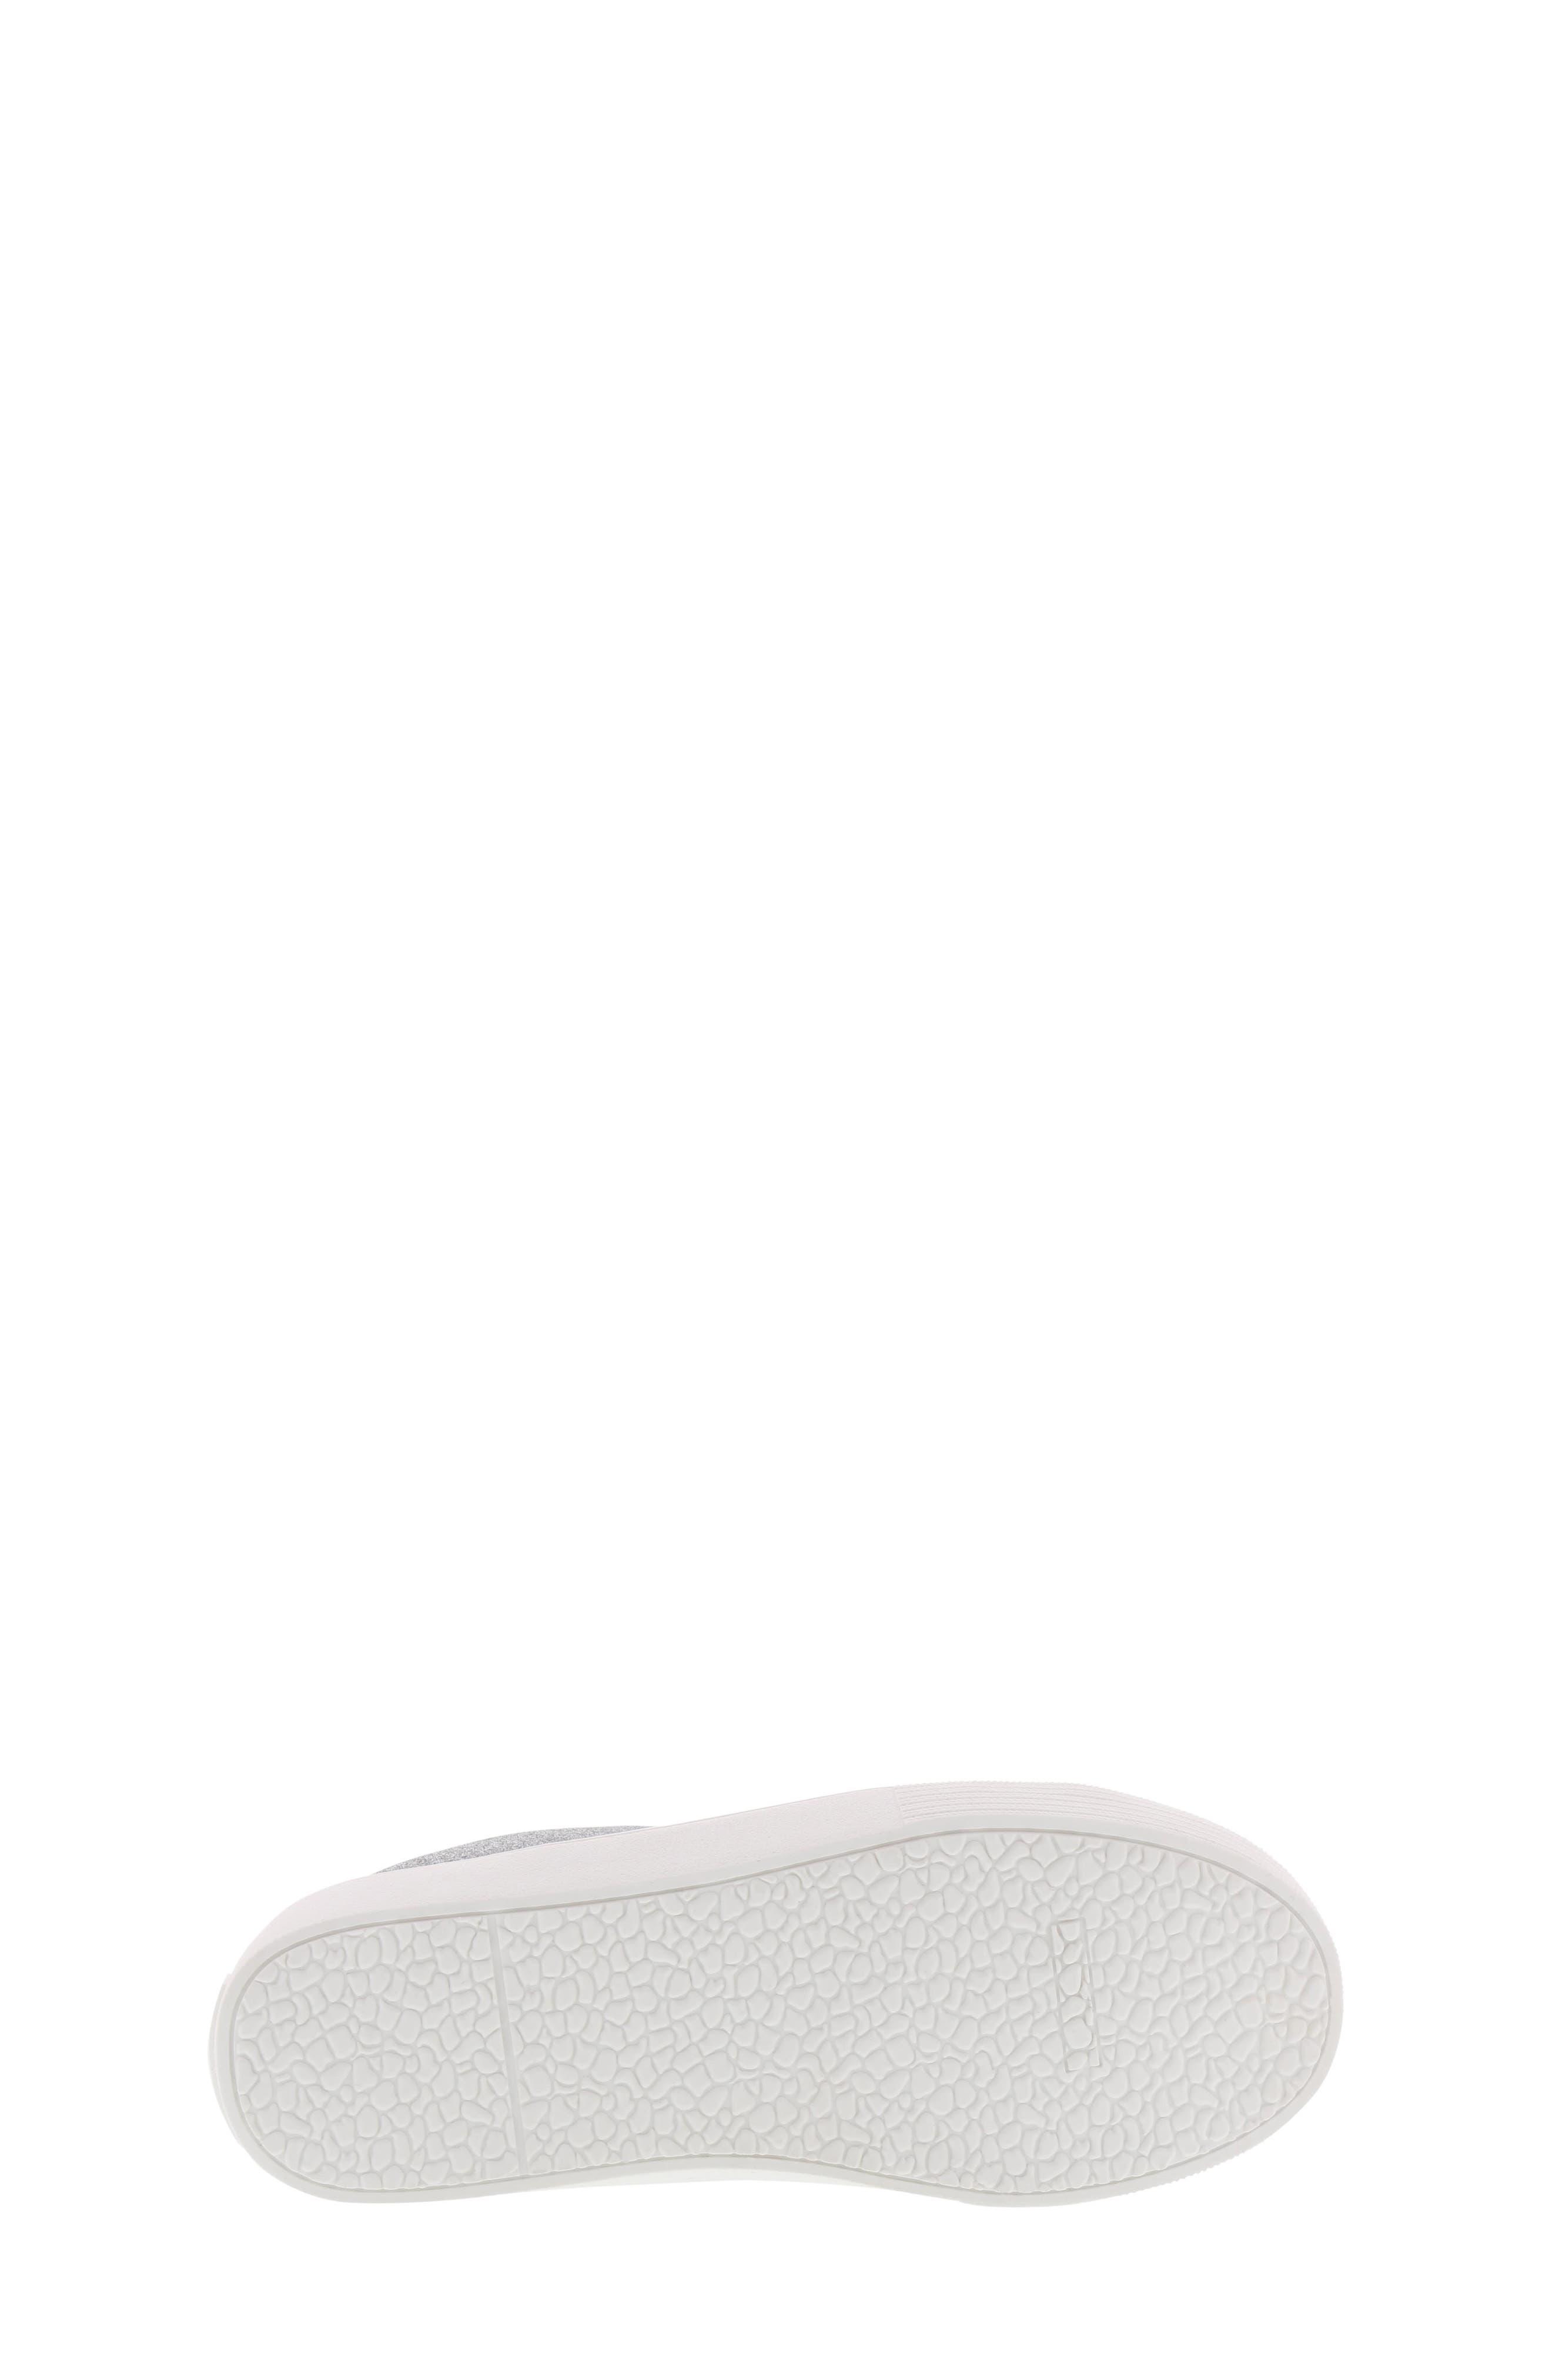 Bella Emma Slip-On Sneaker,                             Alternate thumbnail 6, color,                             SILVER GLITTER